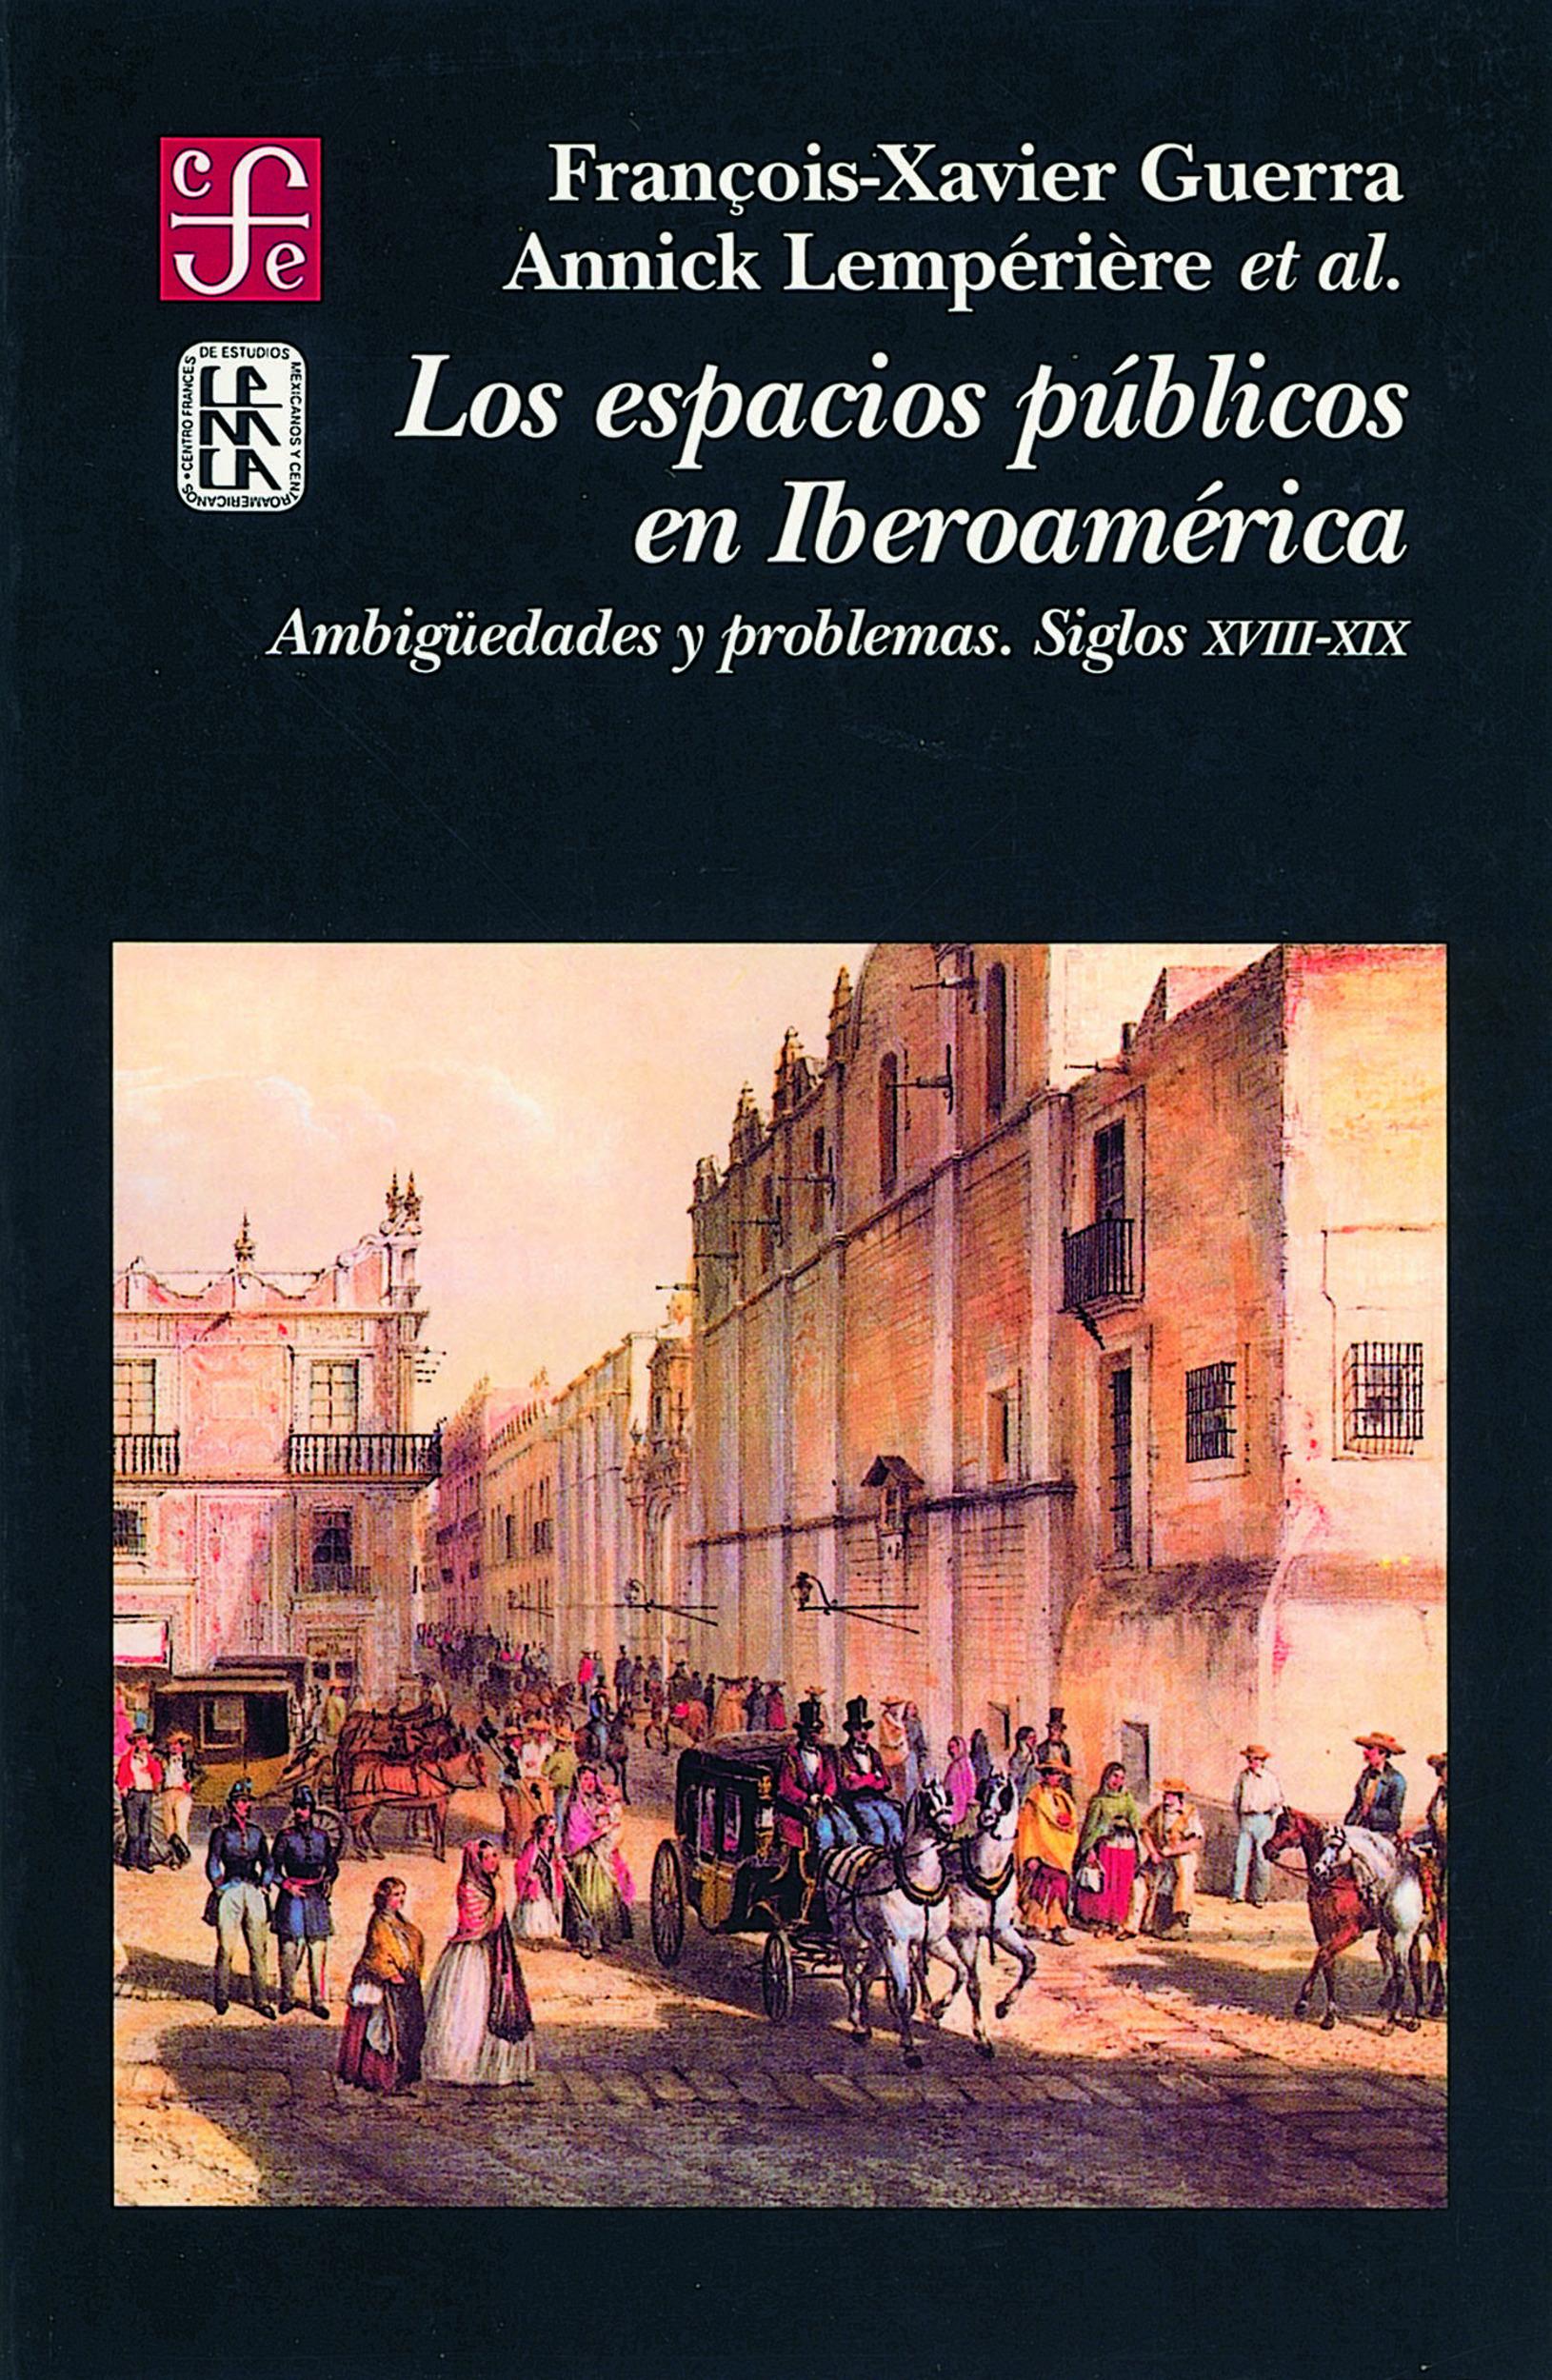 los espacios públicos en Iberoamérica